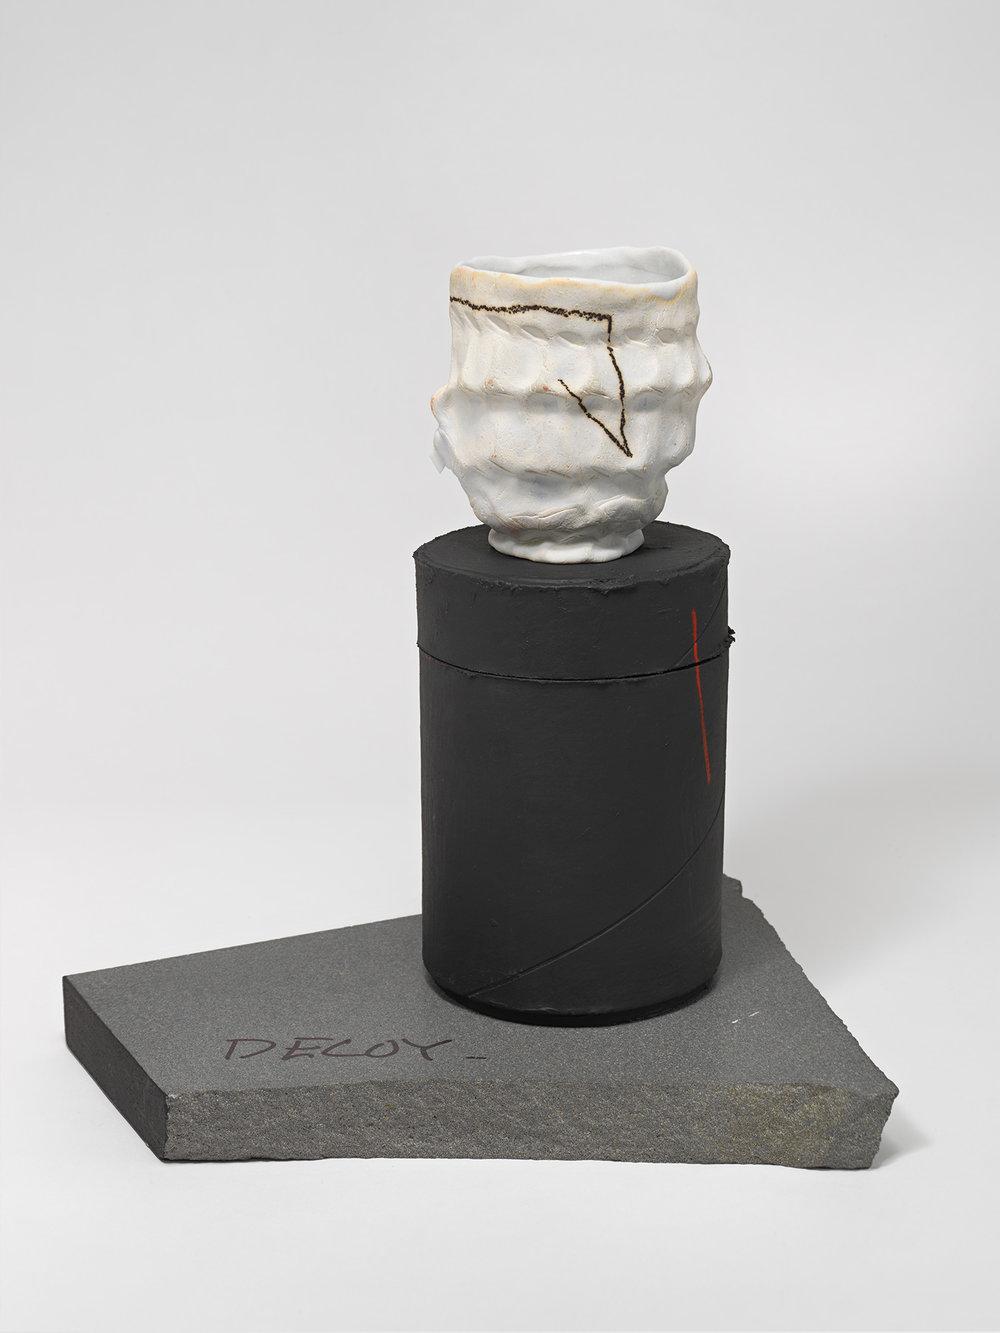 """DECOY_Cup_7 . Porcelain, porcelain blade, cardboard, granite. 10"""" x 9"""" x 7"""". 2014."""